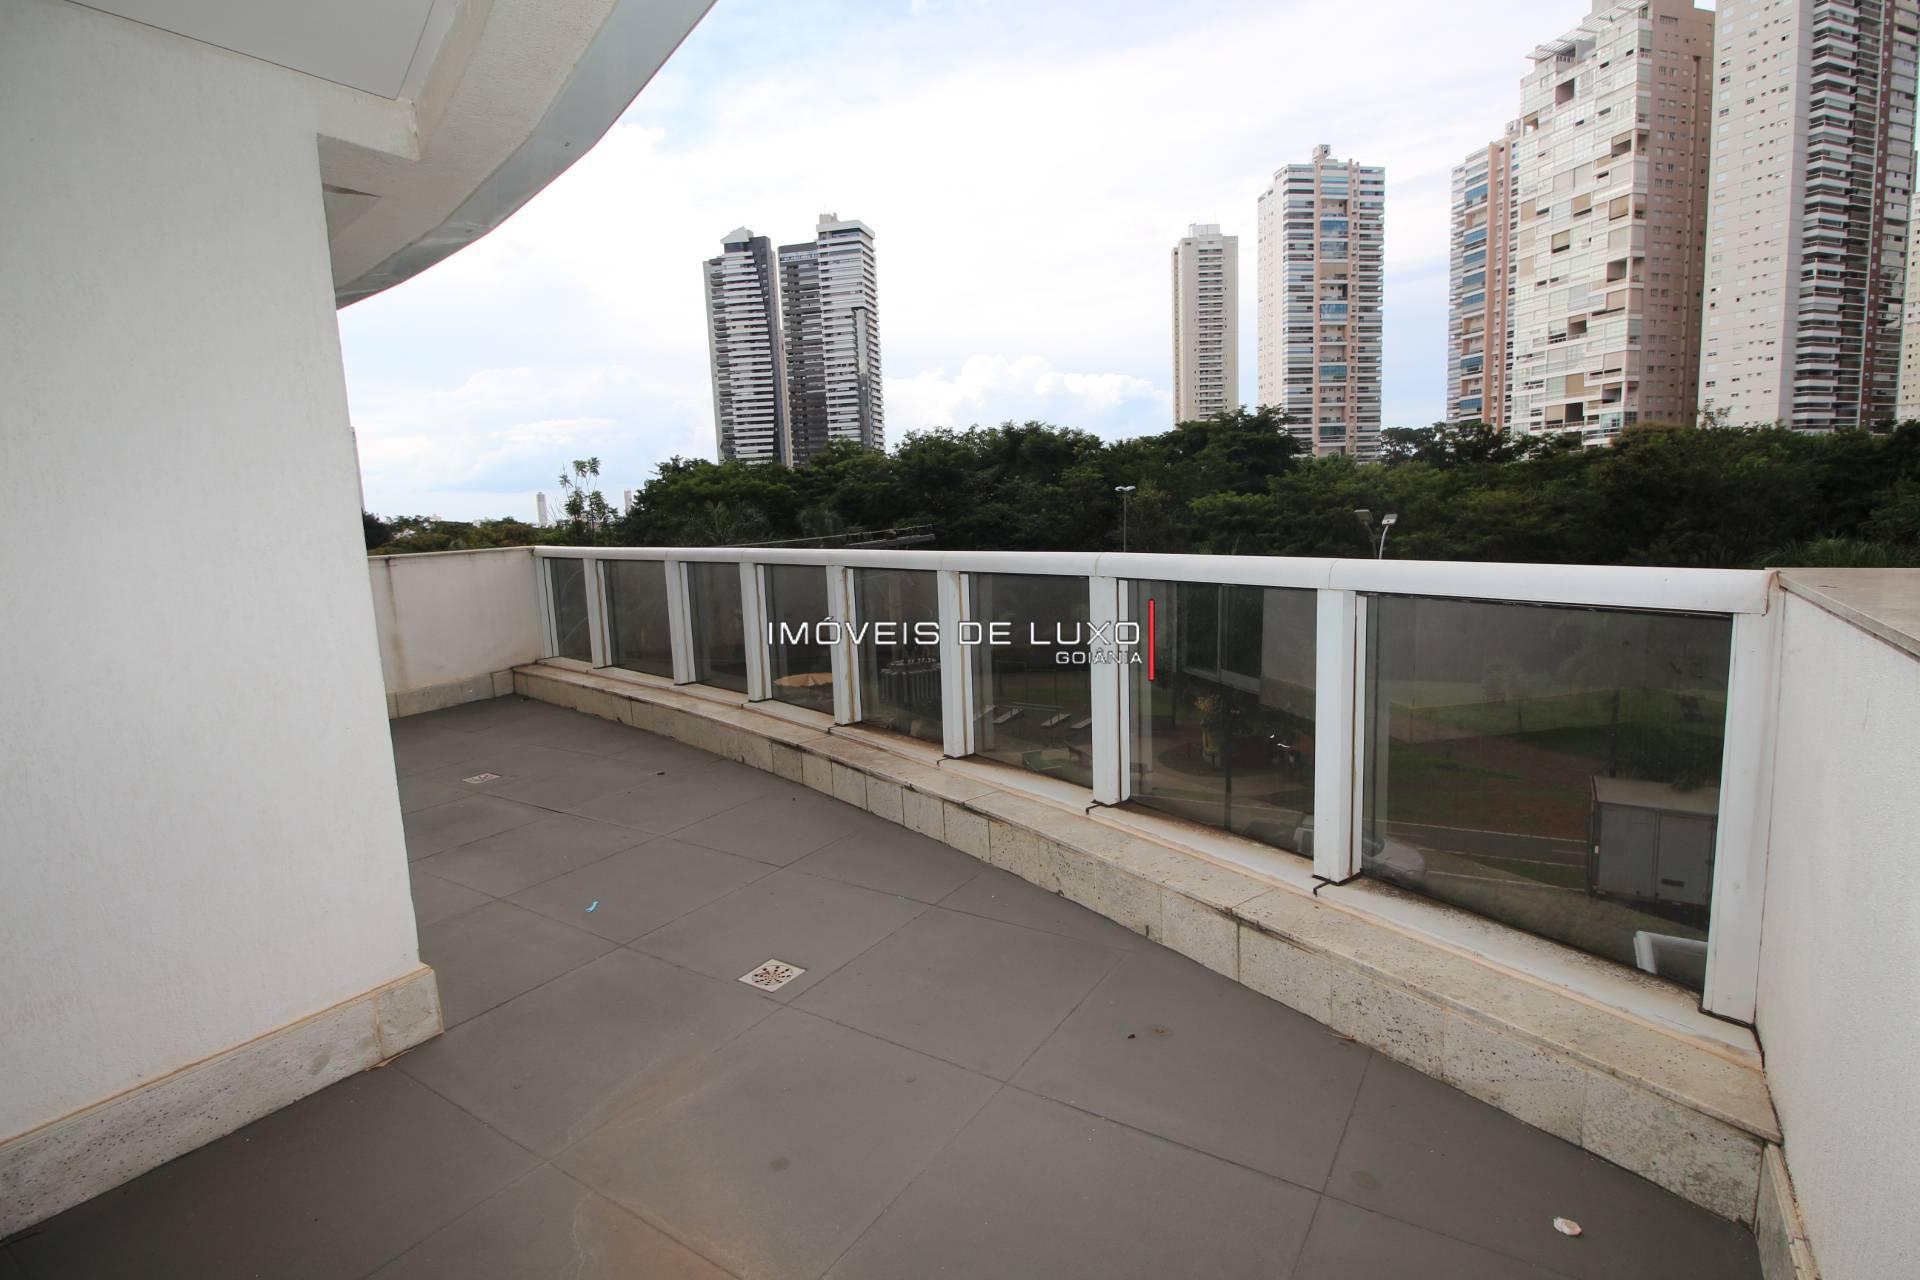 Imóveis de Luxo - Sofisticado apartamento em frente ao parque flamboyant